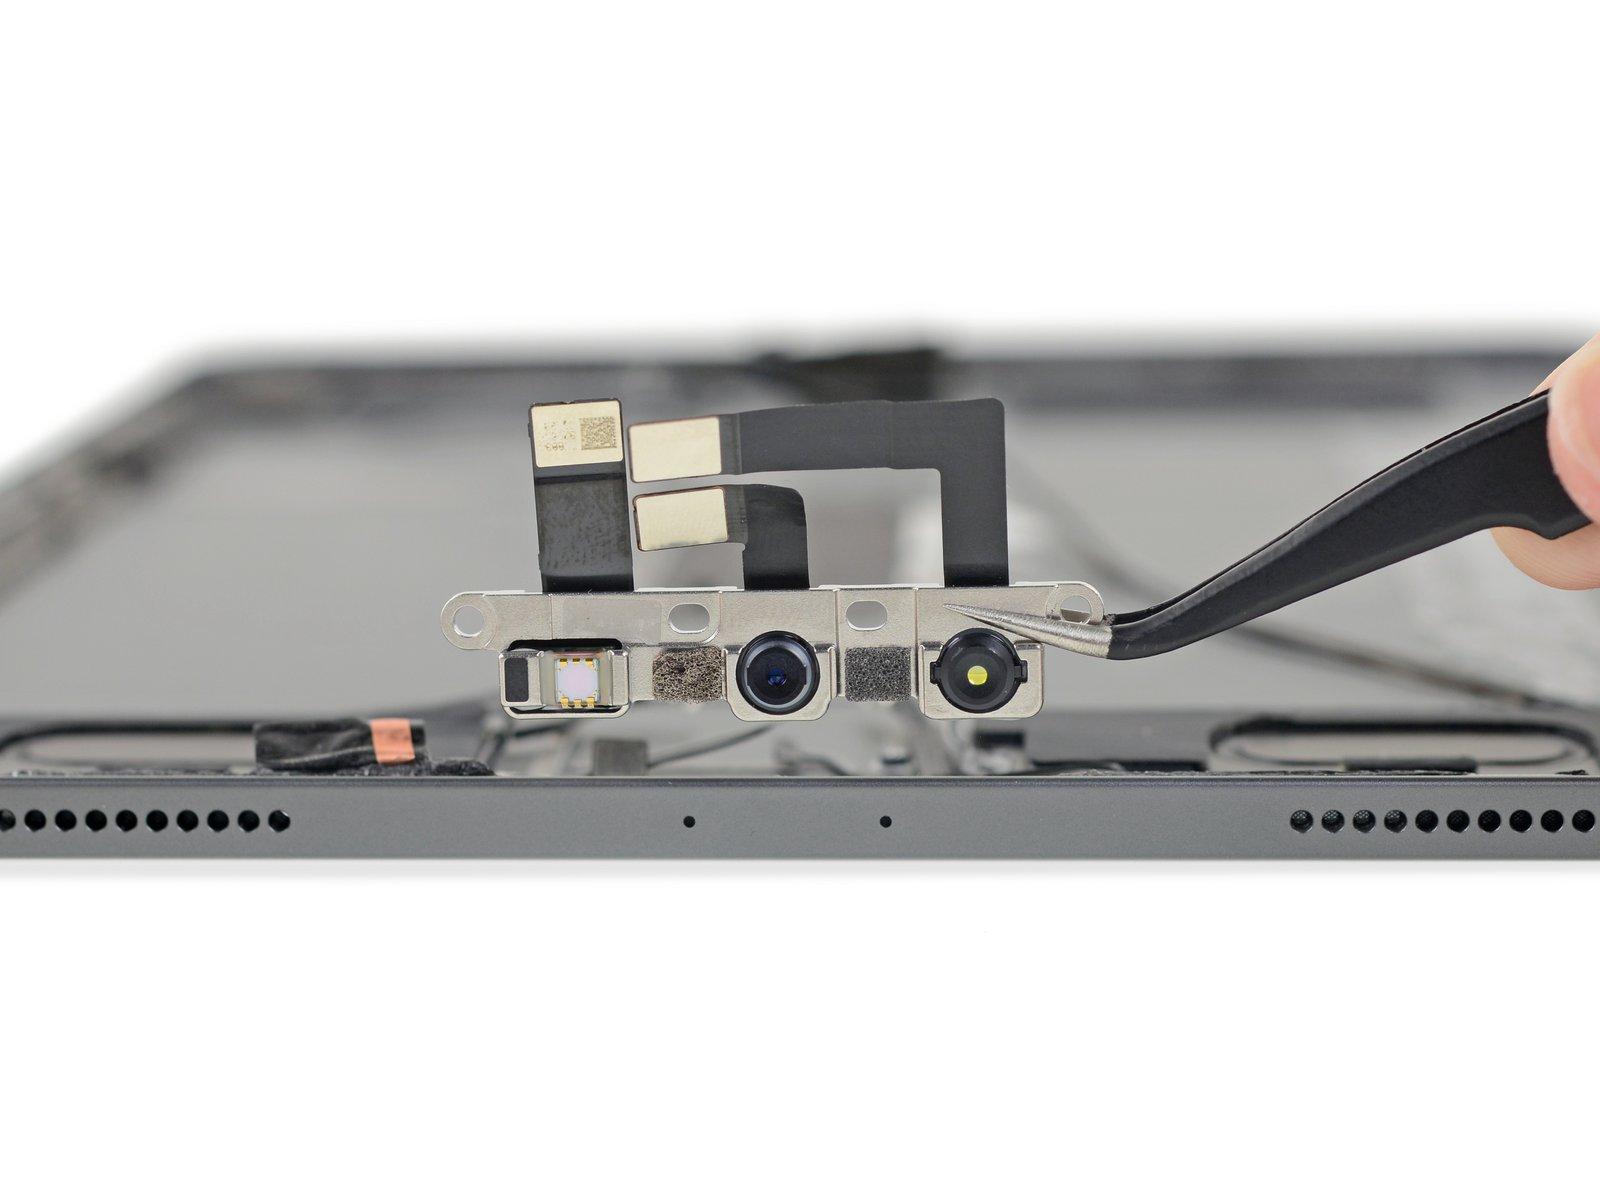 Эксперты iFixit проверили ремонтопригодность iPad Pro 2018 - фото 1 | Сервисный центр Total Apple